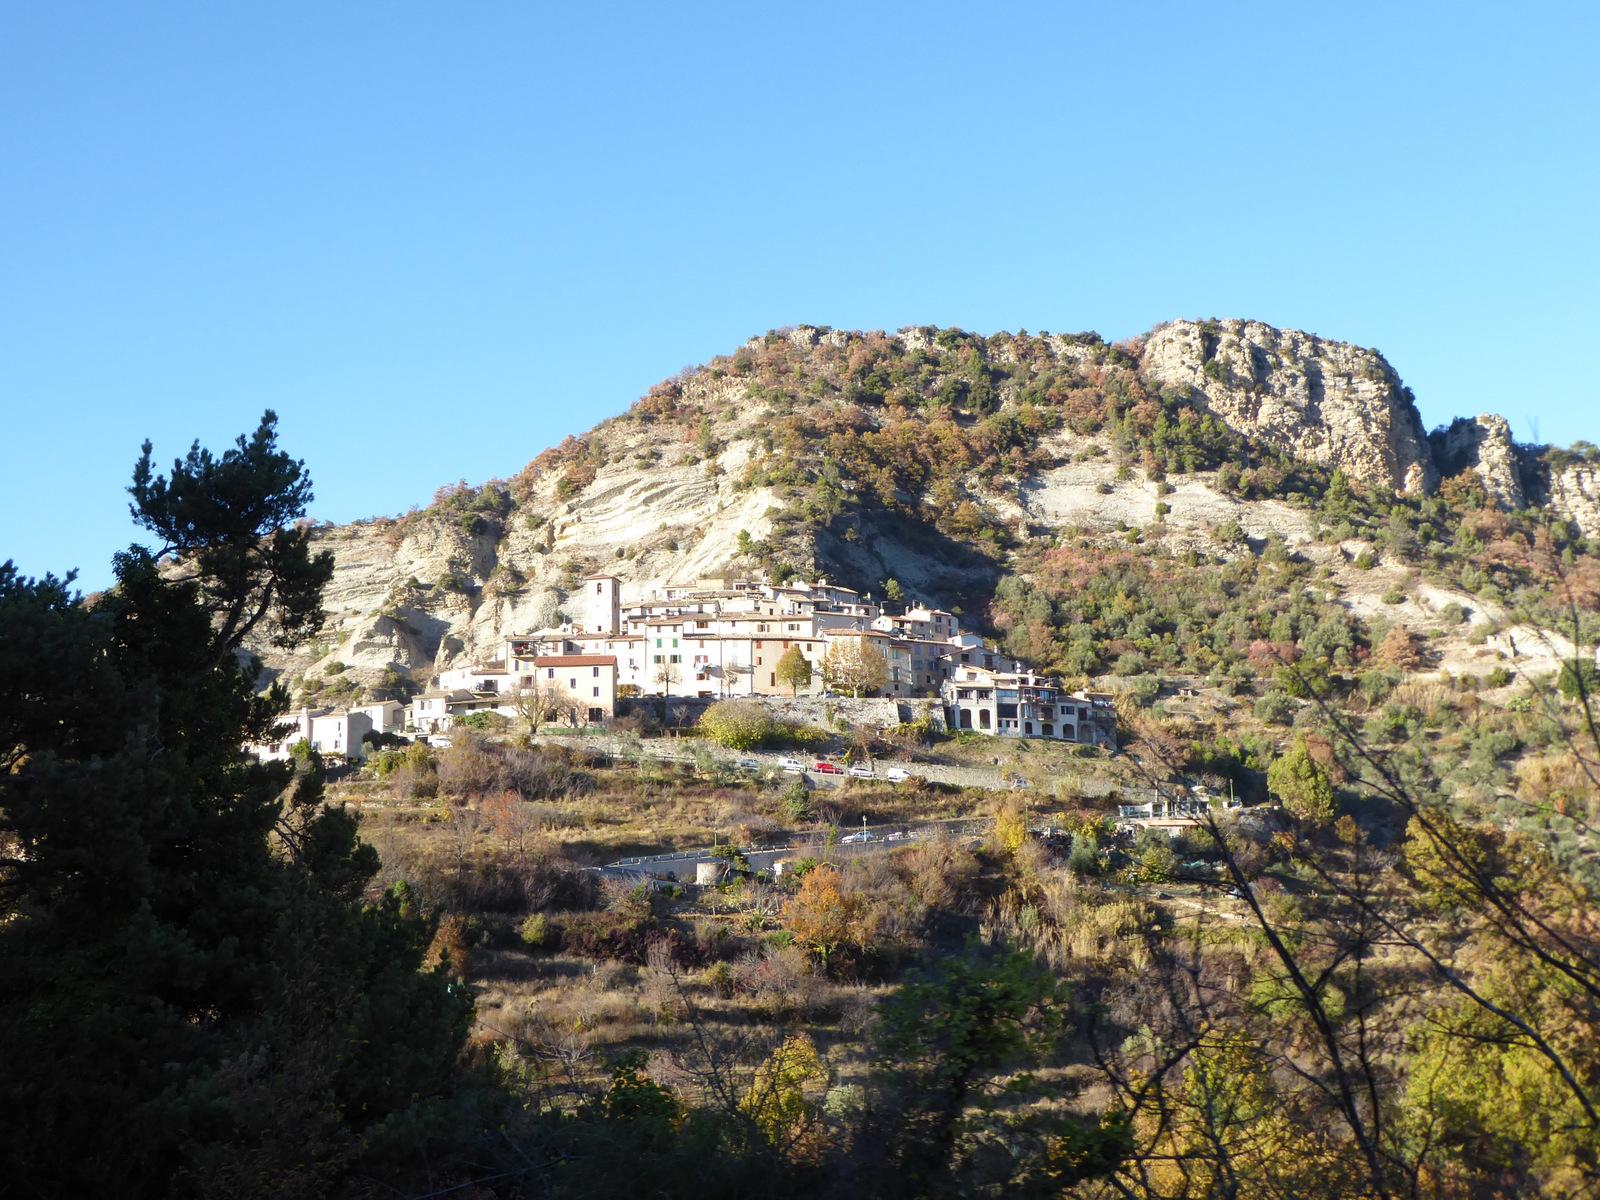 village de Les Ferres et le mont St Michel (792m)